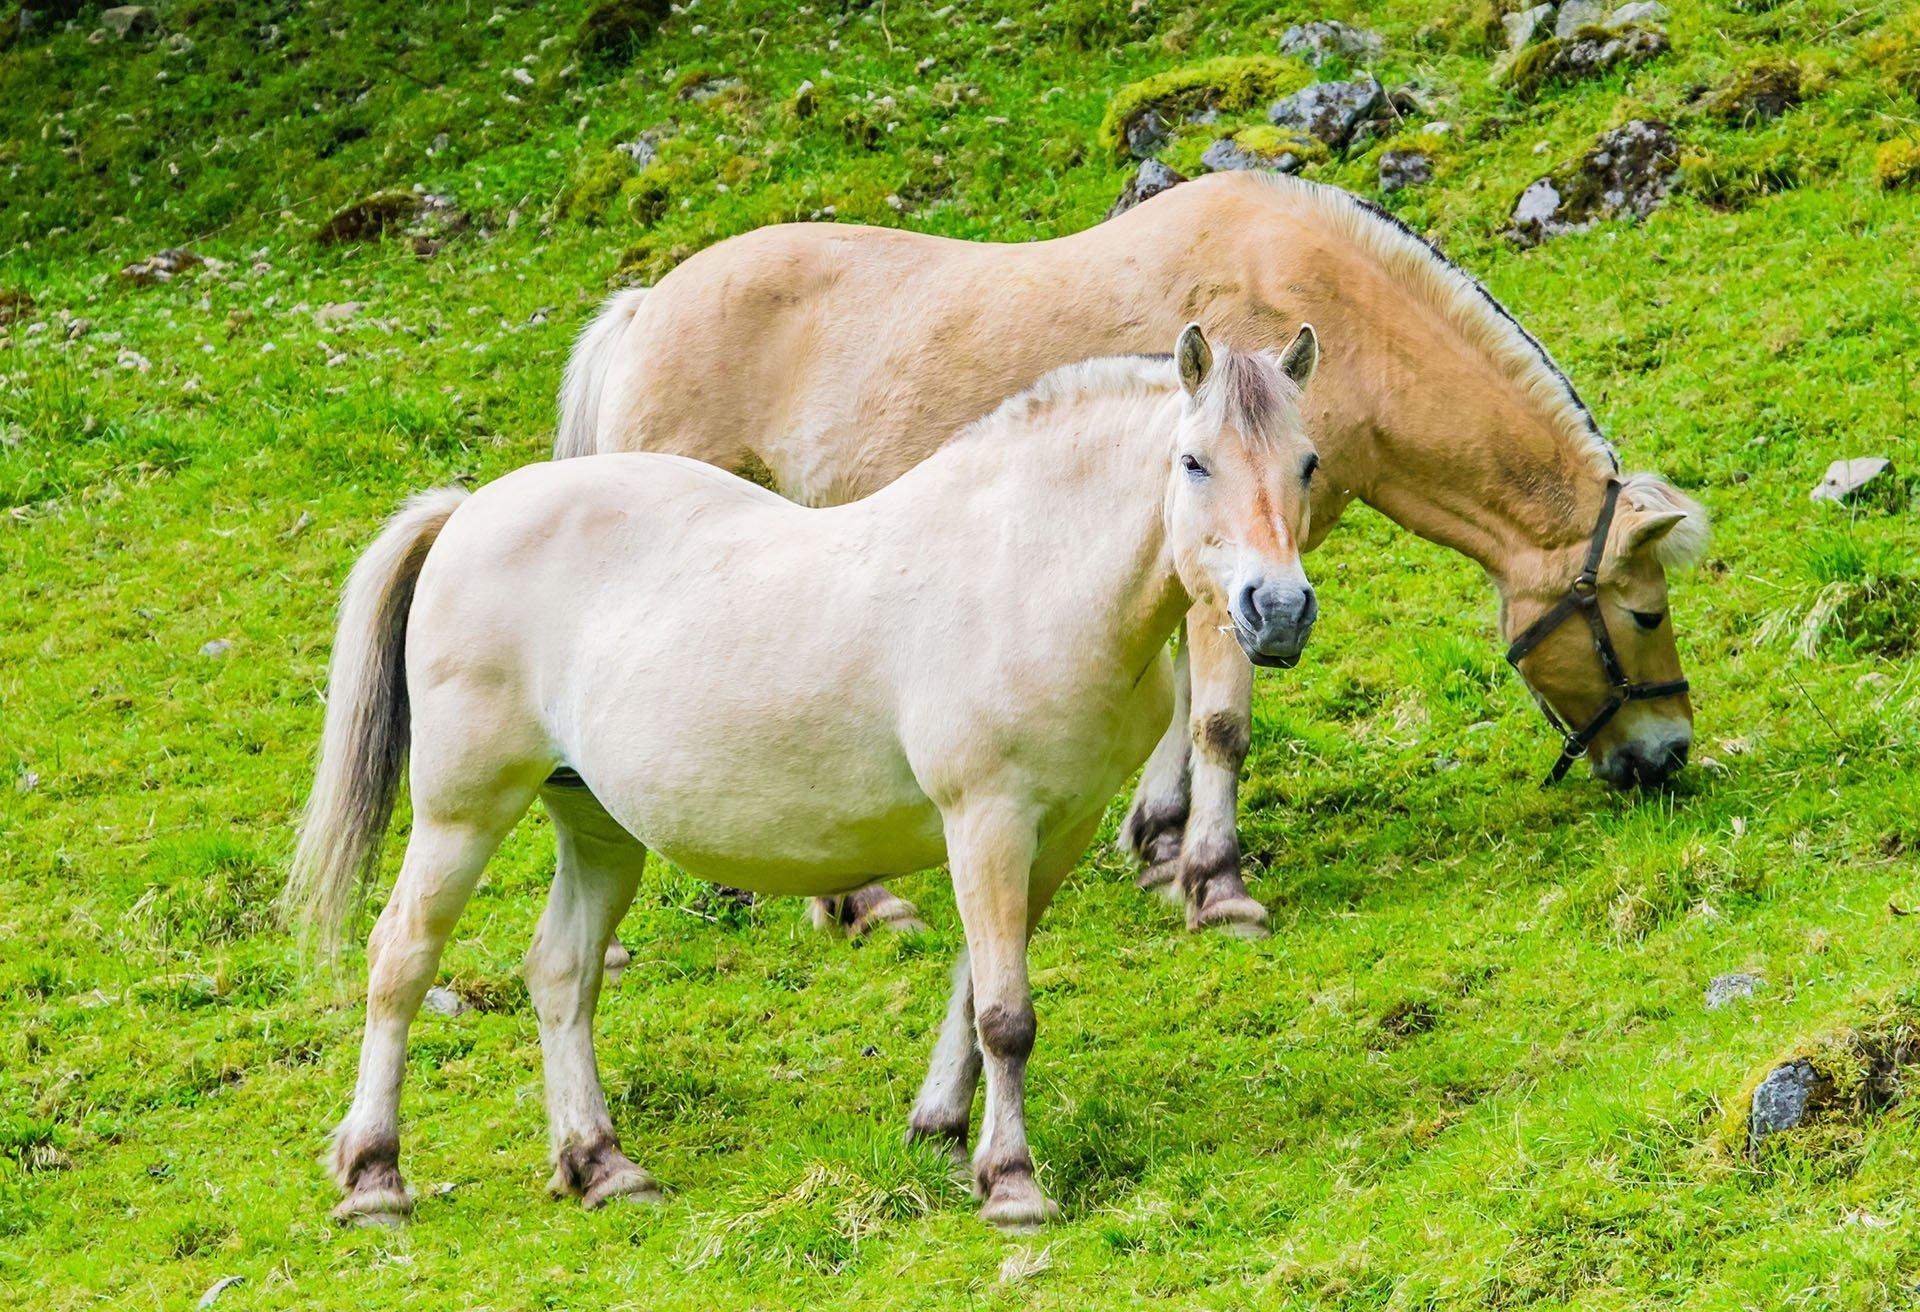 The Norwegian Fjord horse. | © Marius Dobilas - stock.adobe.com.